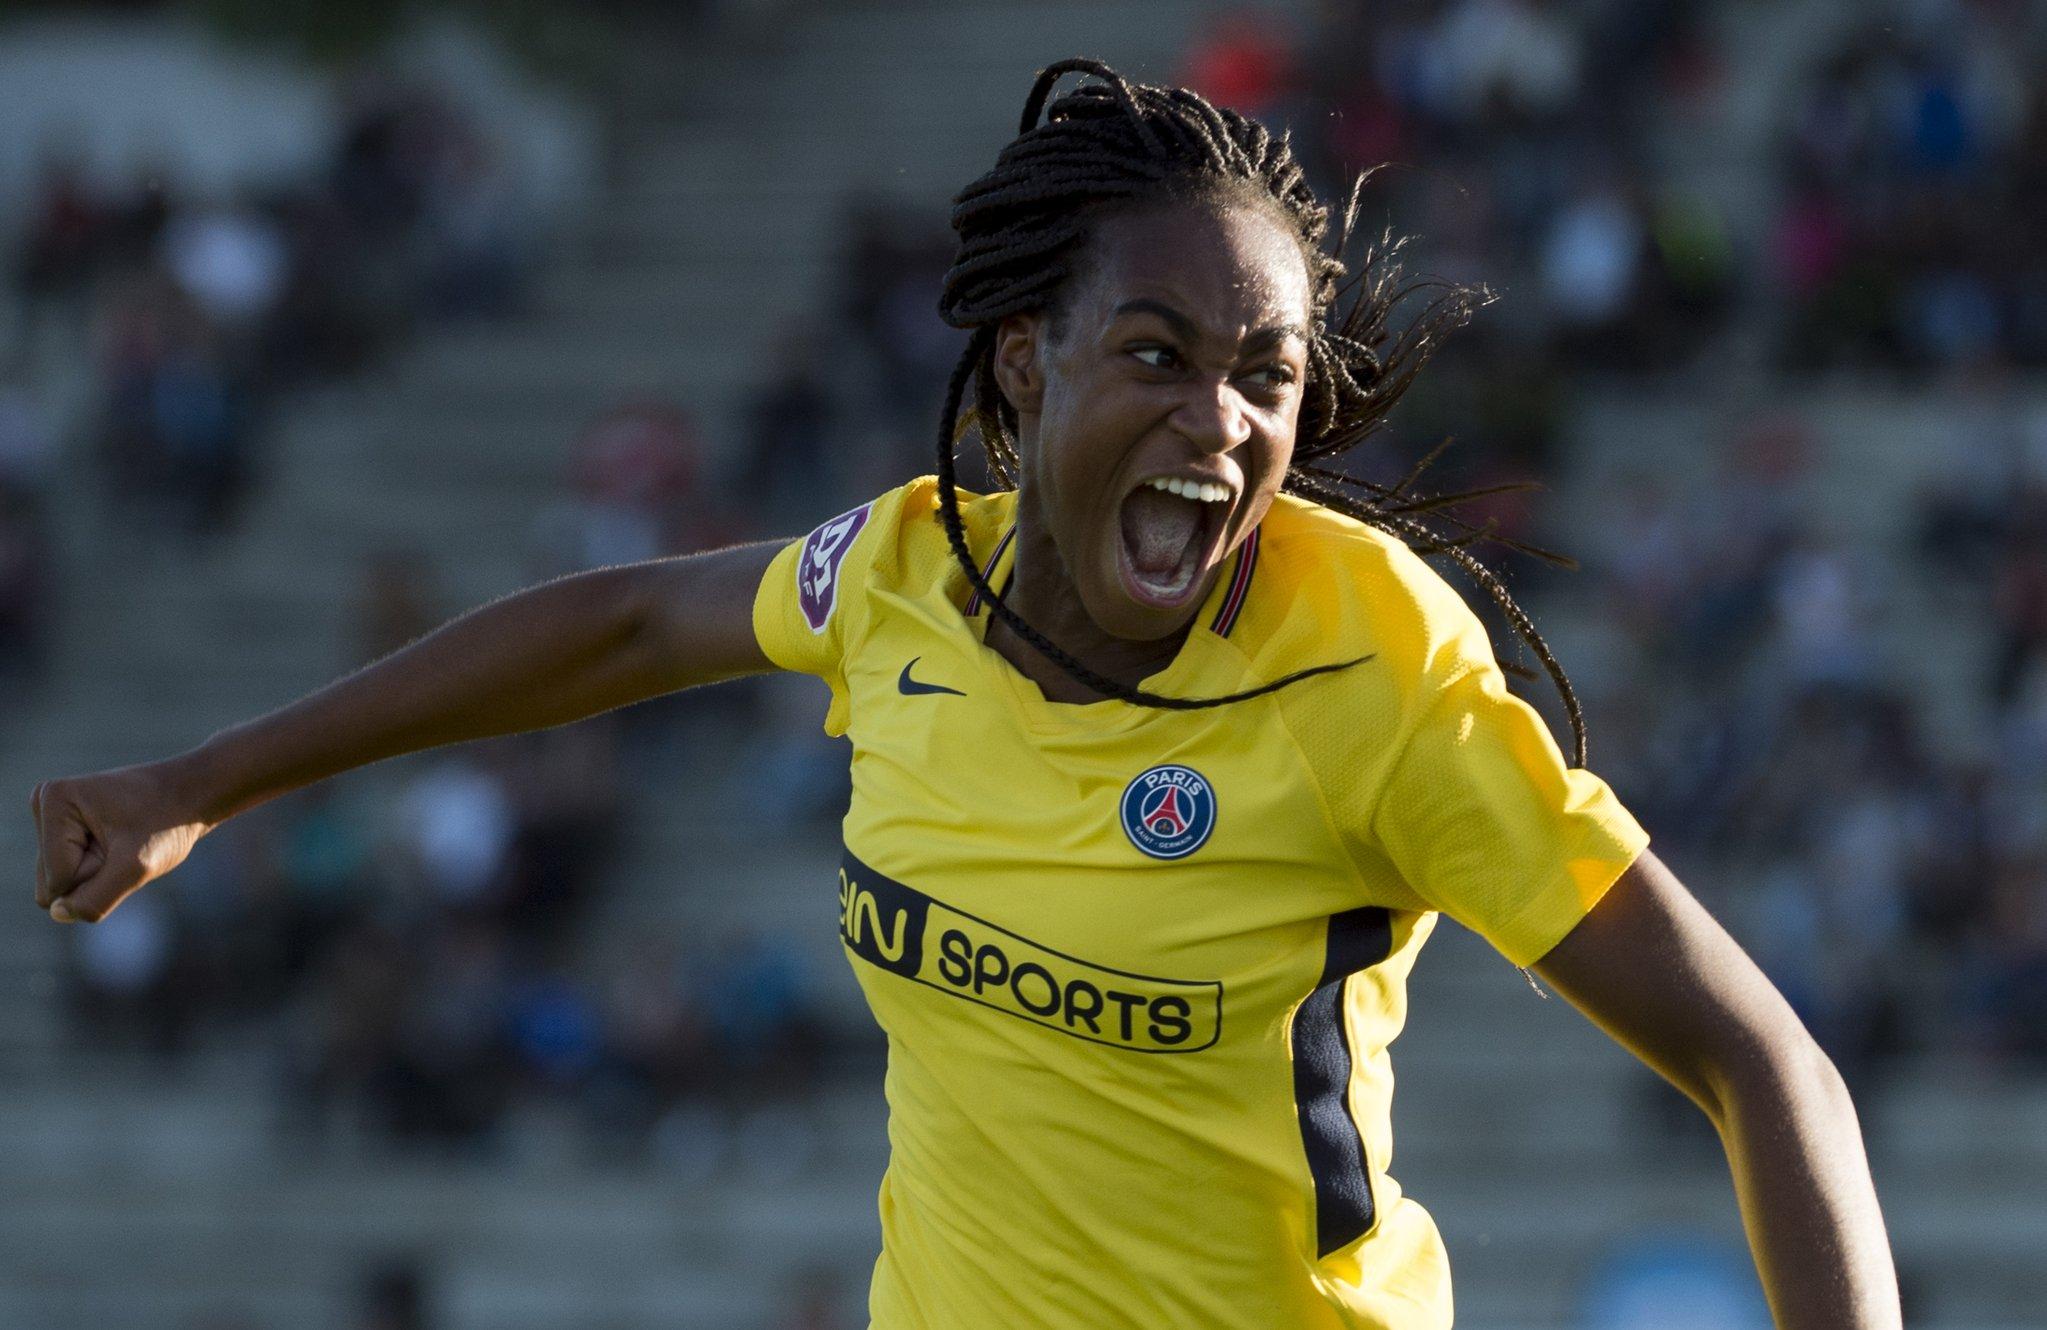 Féminines - Le PSG remporte largement le Classico après avoir été mené de 2 buts